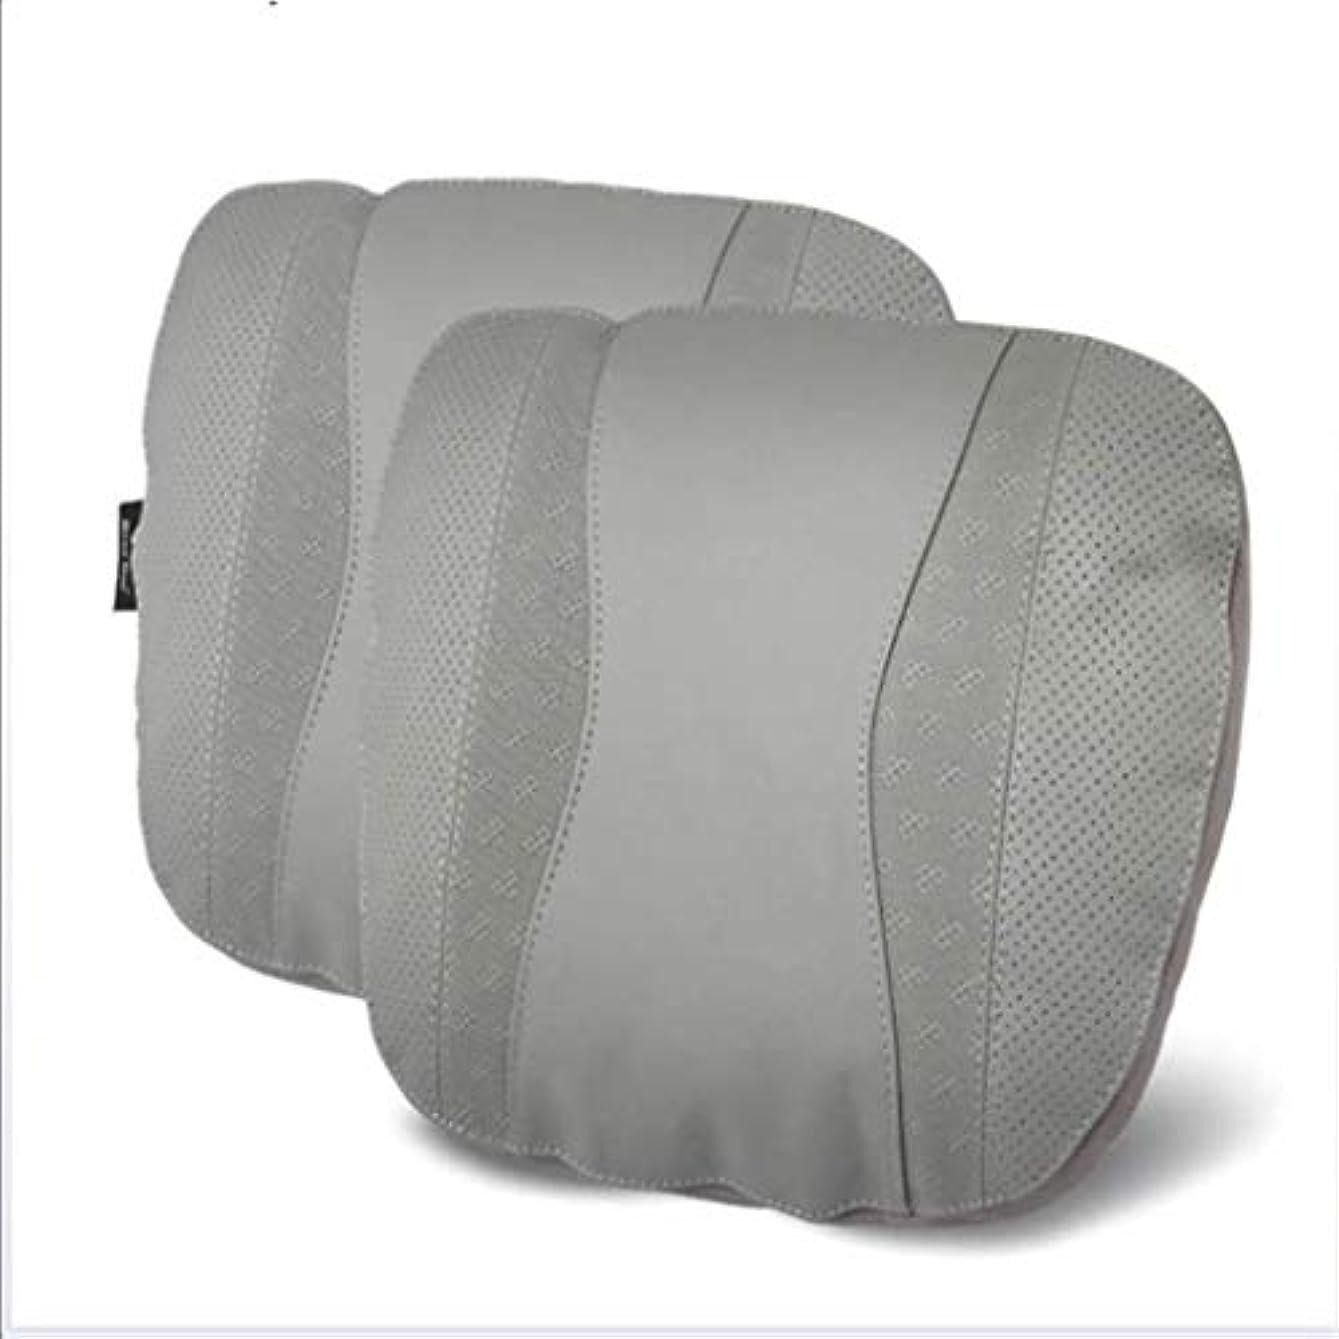 ツールパズル普遍的なネックピロー、カーシートネックピロー、トラベルピローネックパッド、カーネックピローサポートピローとして使用、航空機のネックピロー、首の疲れを和らげる (Color : Gray)